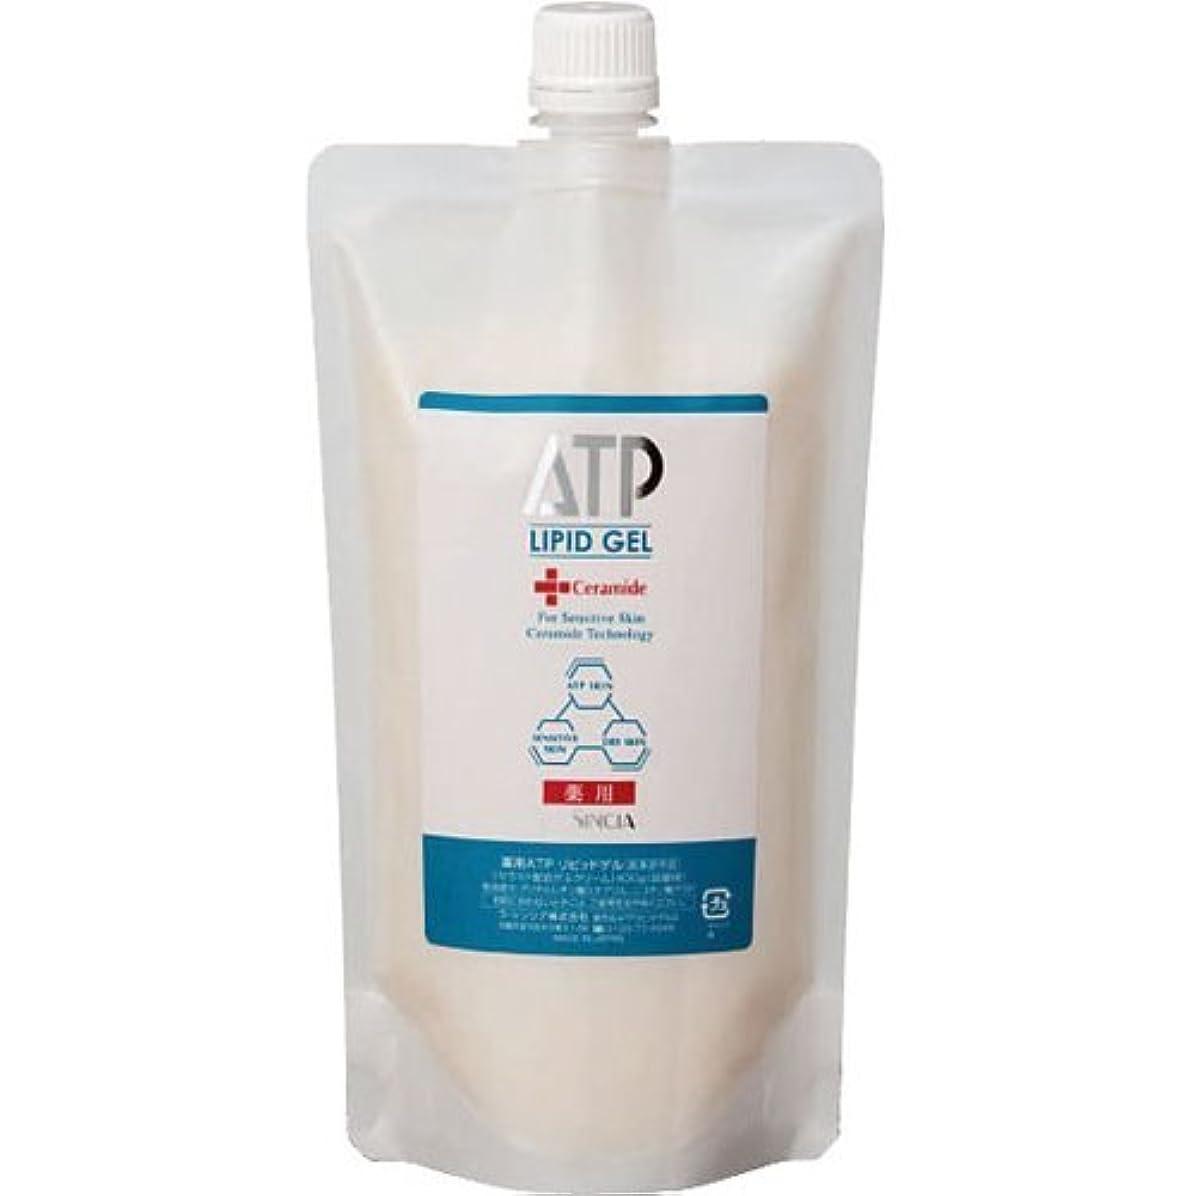 インストール持参最終的にラシンシア 薬用ATPリピッドゲル 400g(詰替用) 【セラミド配合ゲルクリーム】